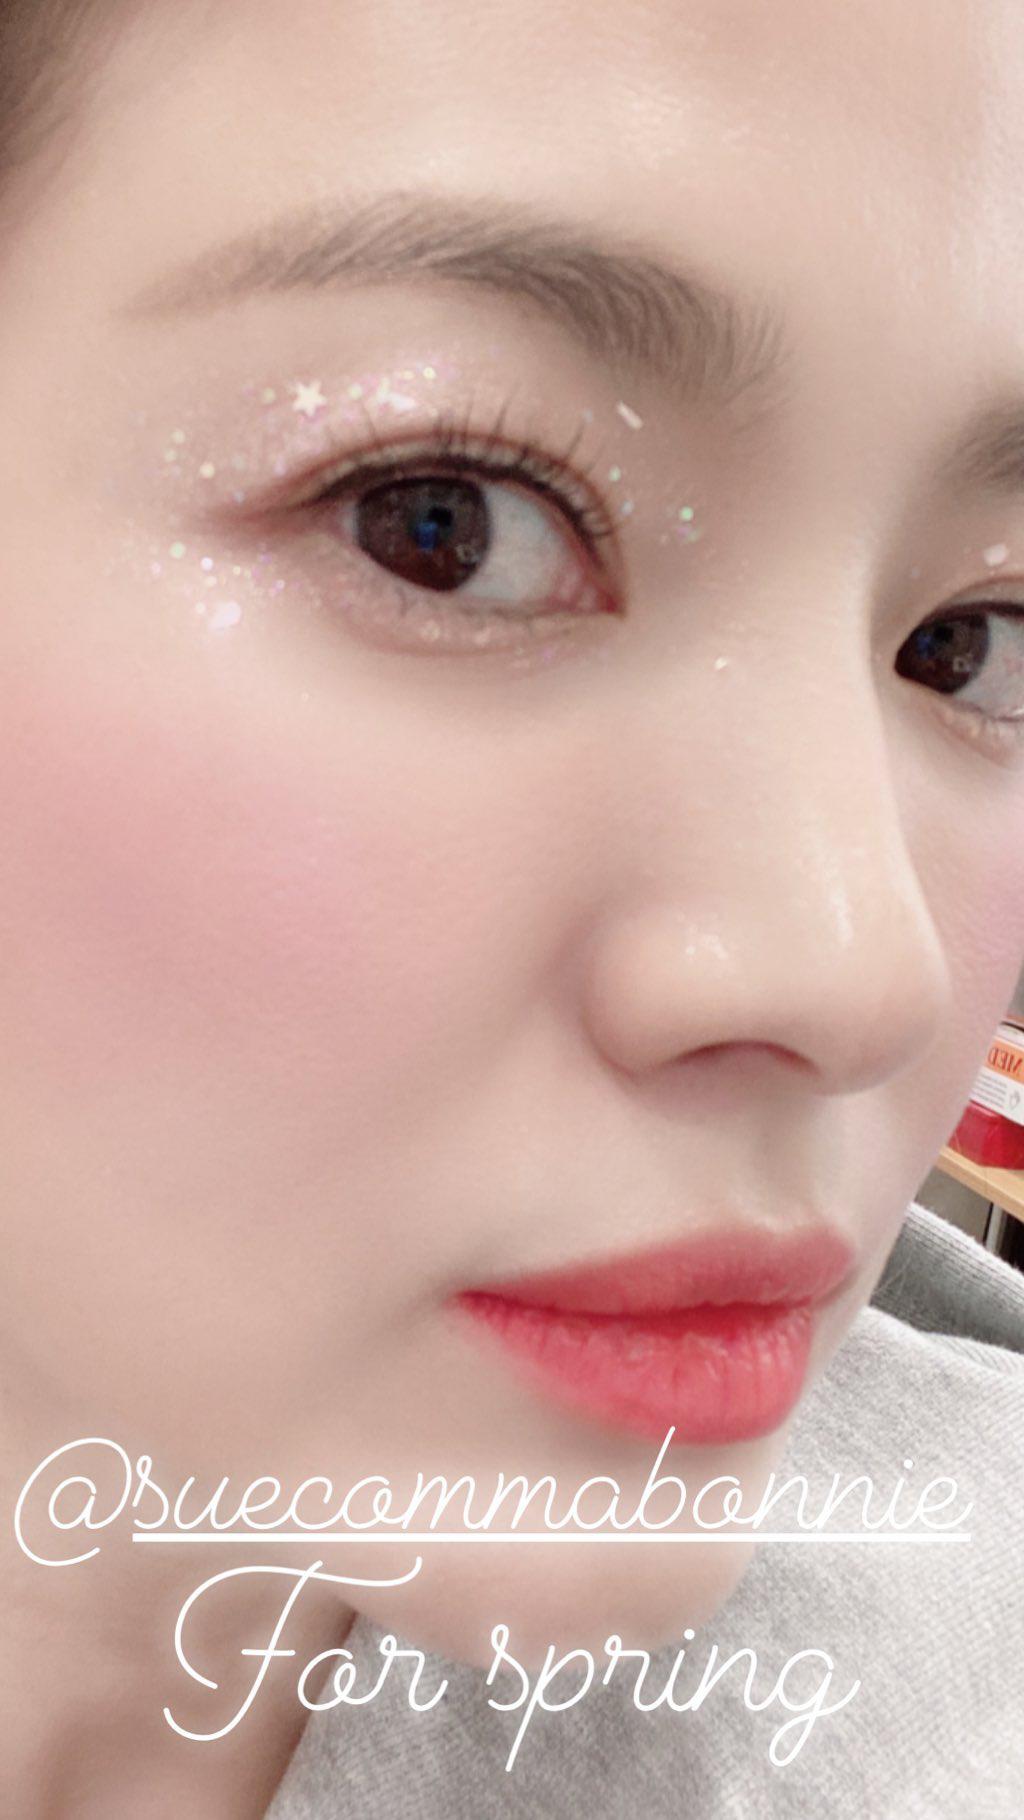 """Song Hye Kyo trẻ quá nhìn chẳng ra, ngày càng """"lồng lộn"""" hậu ly hôn với Song Joong Ki - Ảnh 1."""